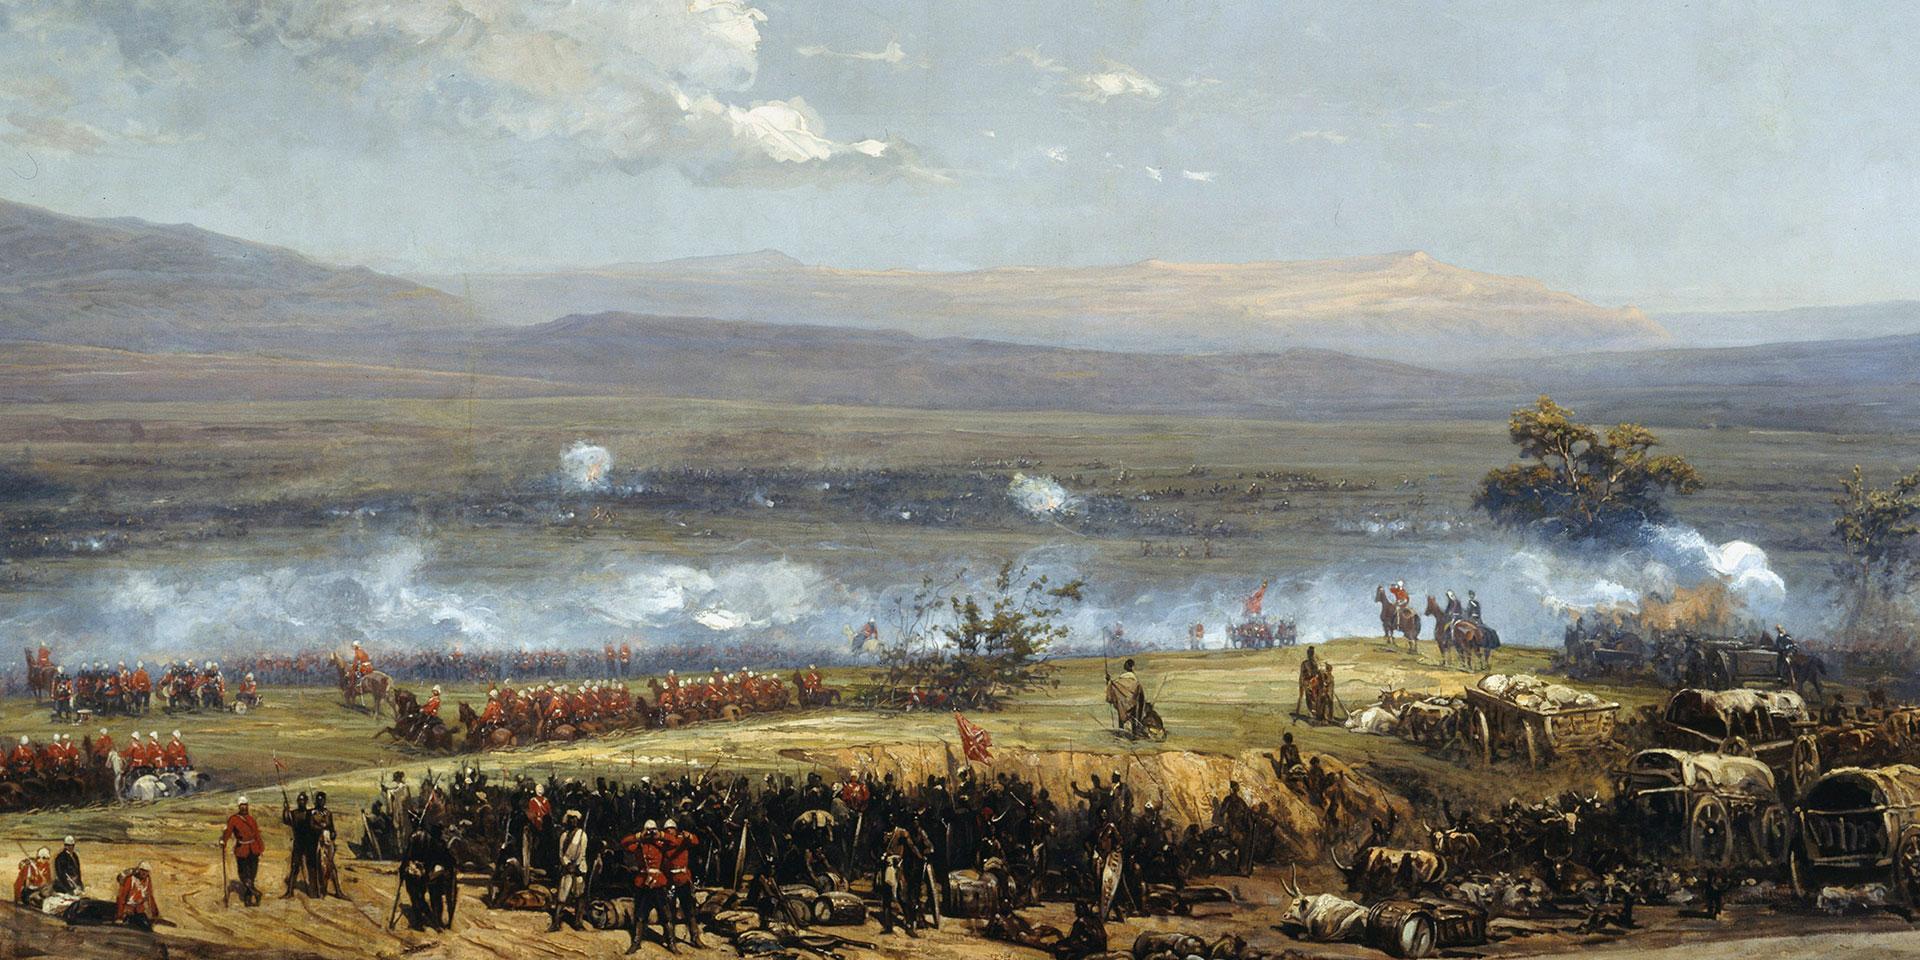 The Battle of Ulundi, 1879